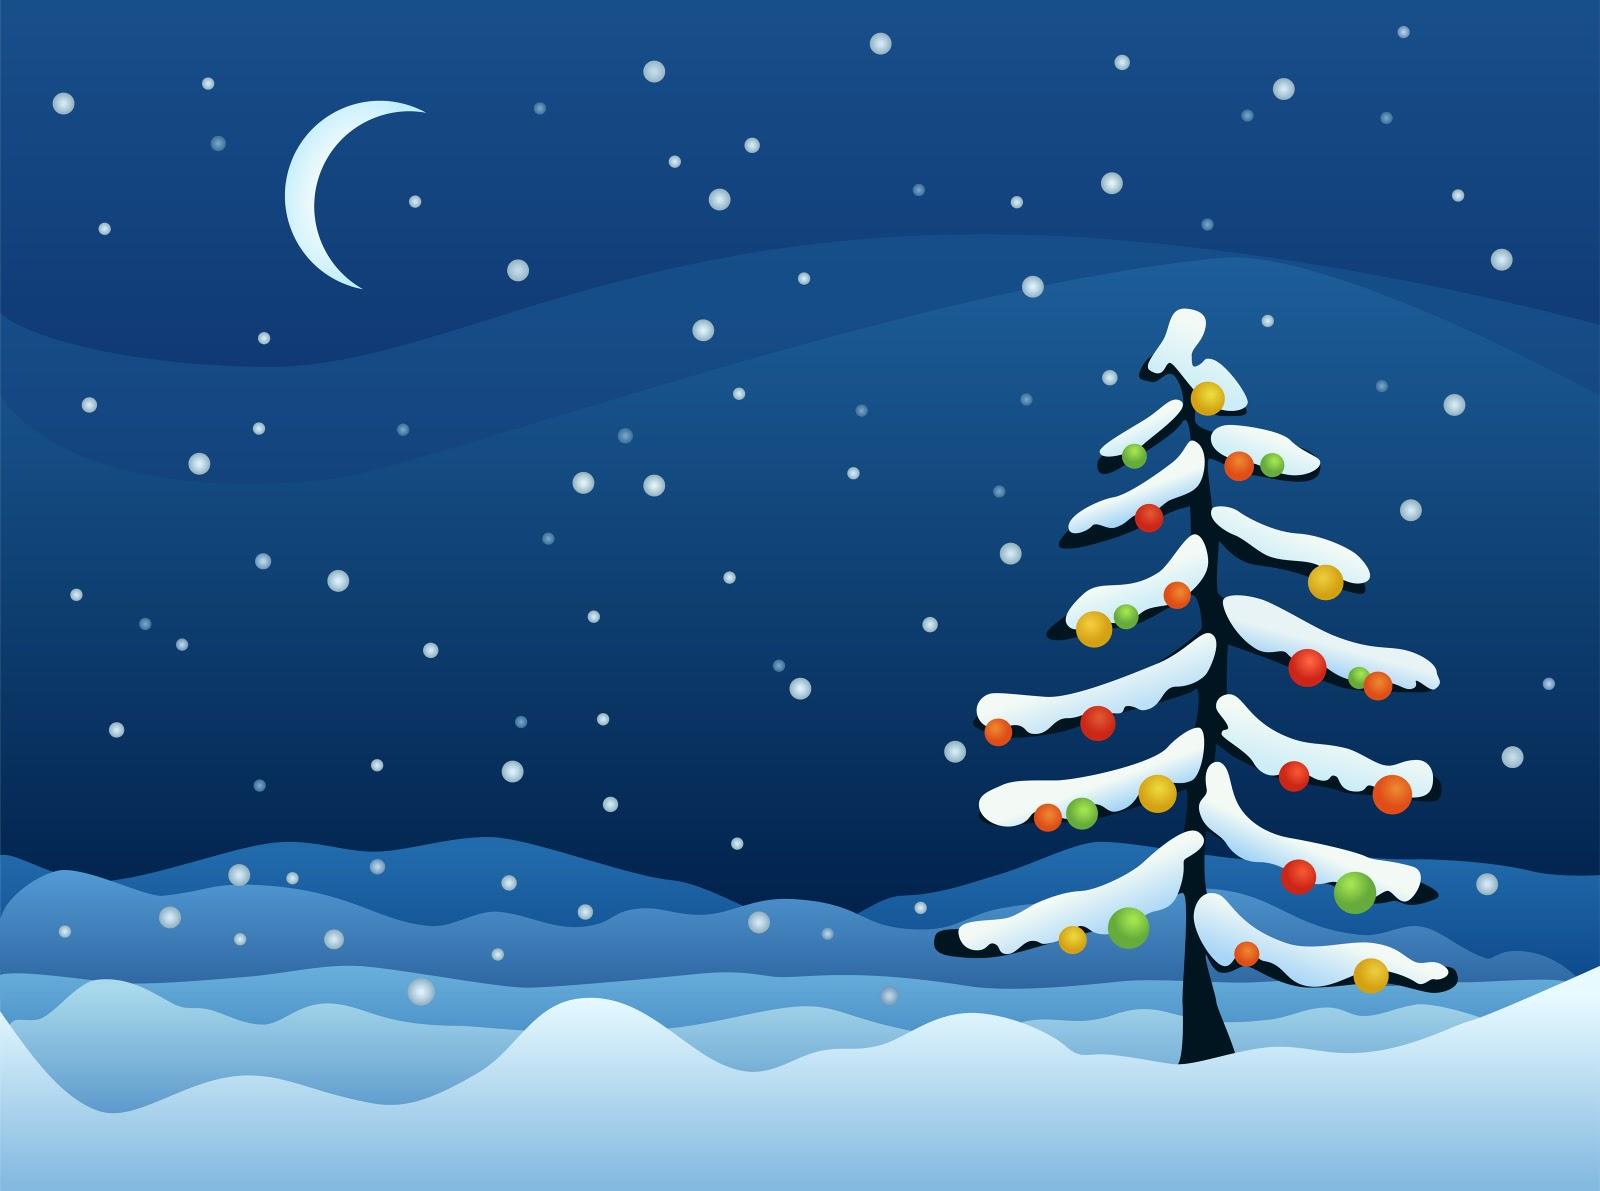 Dise o de rbol de navidad blog evento web - Diseno de arboles de navidad ...